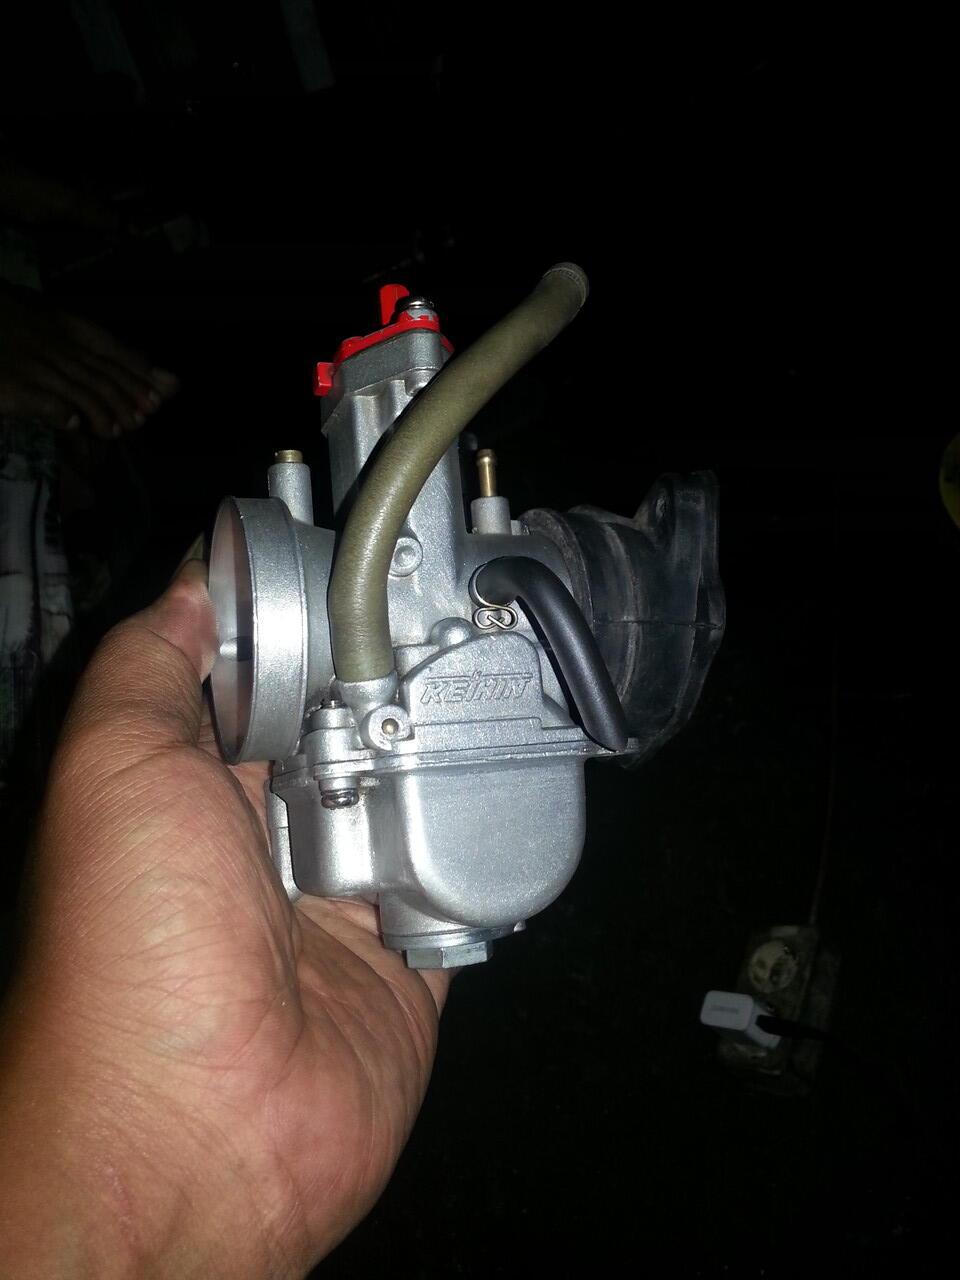 Karburator PWK 40 Uma